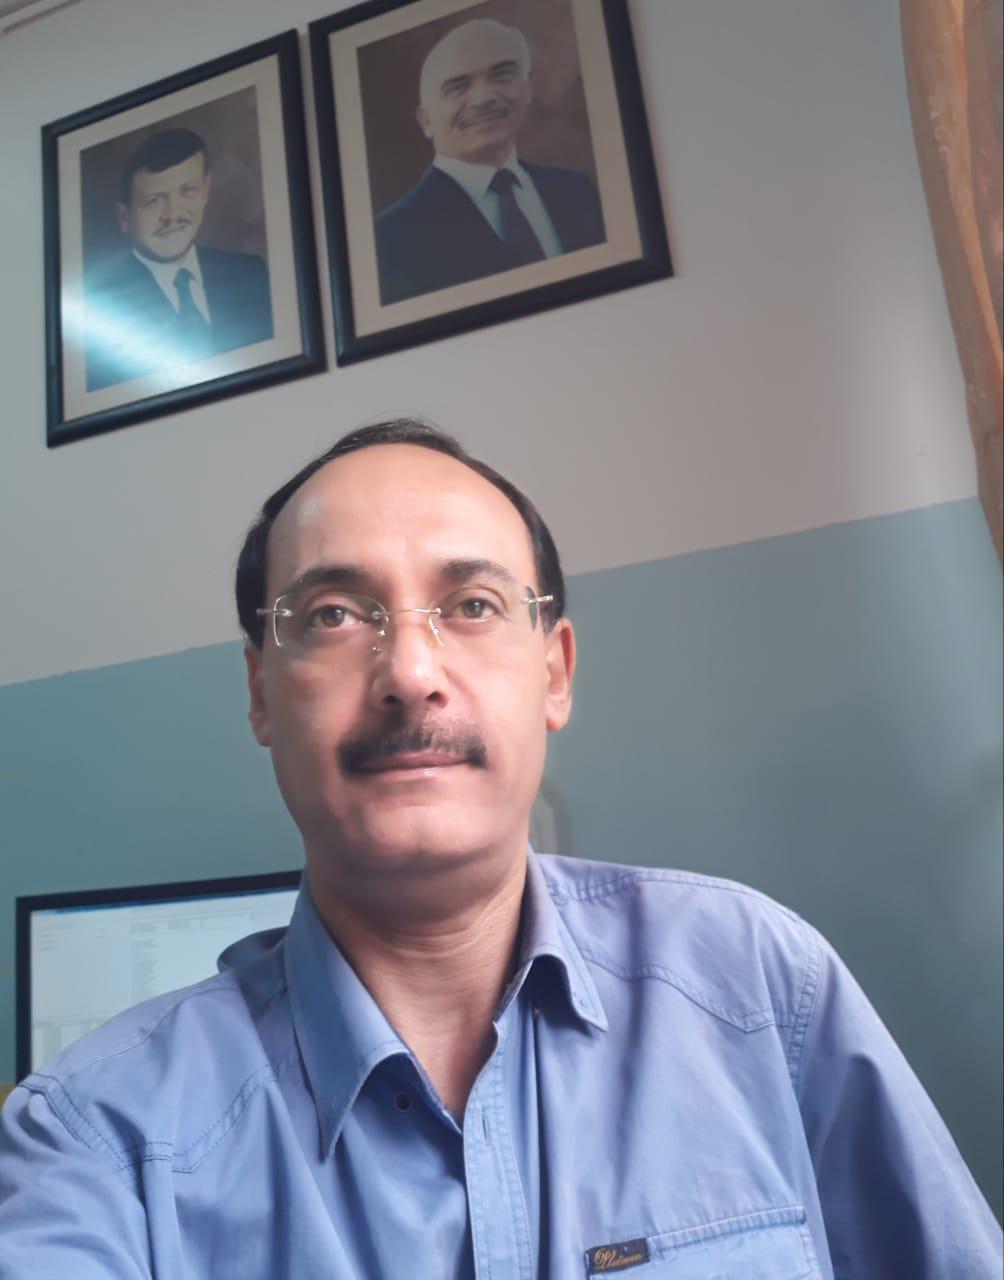 تكليف  د. احمد عطا مساعدا لمدير مستشفى النديم الحكومي بمادبا